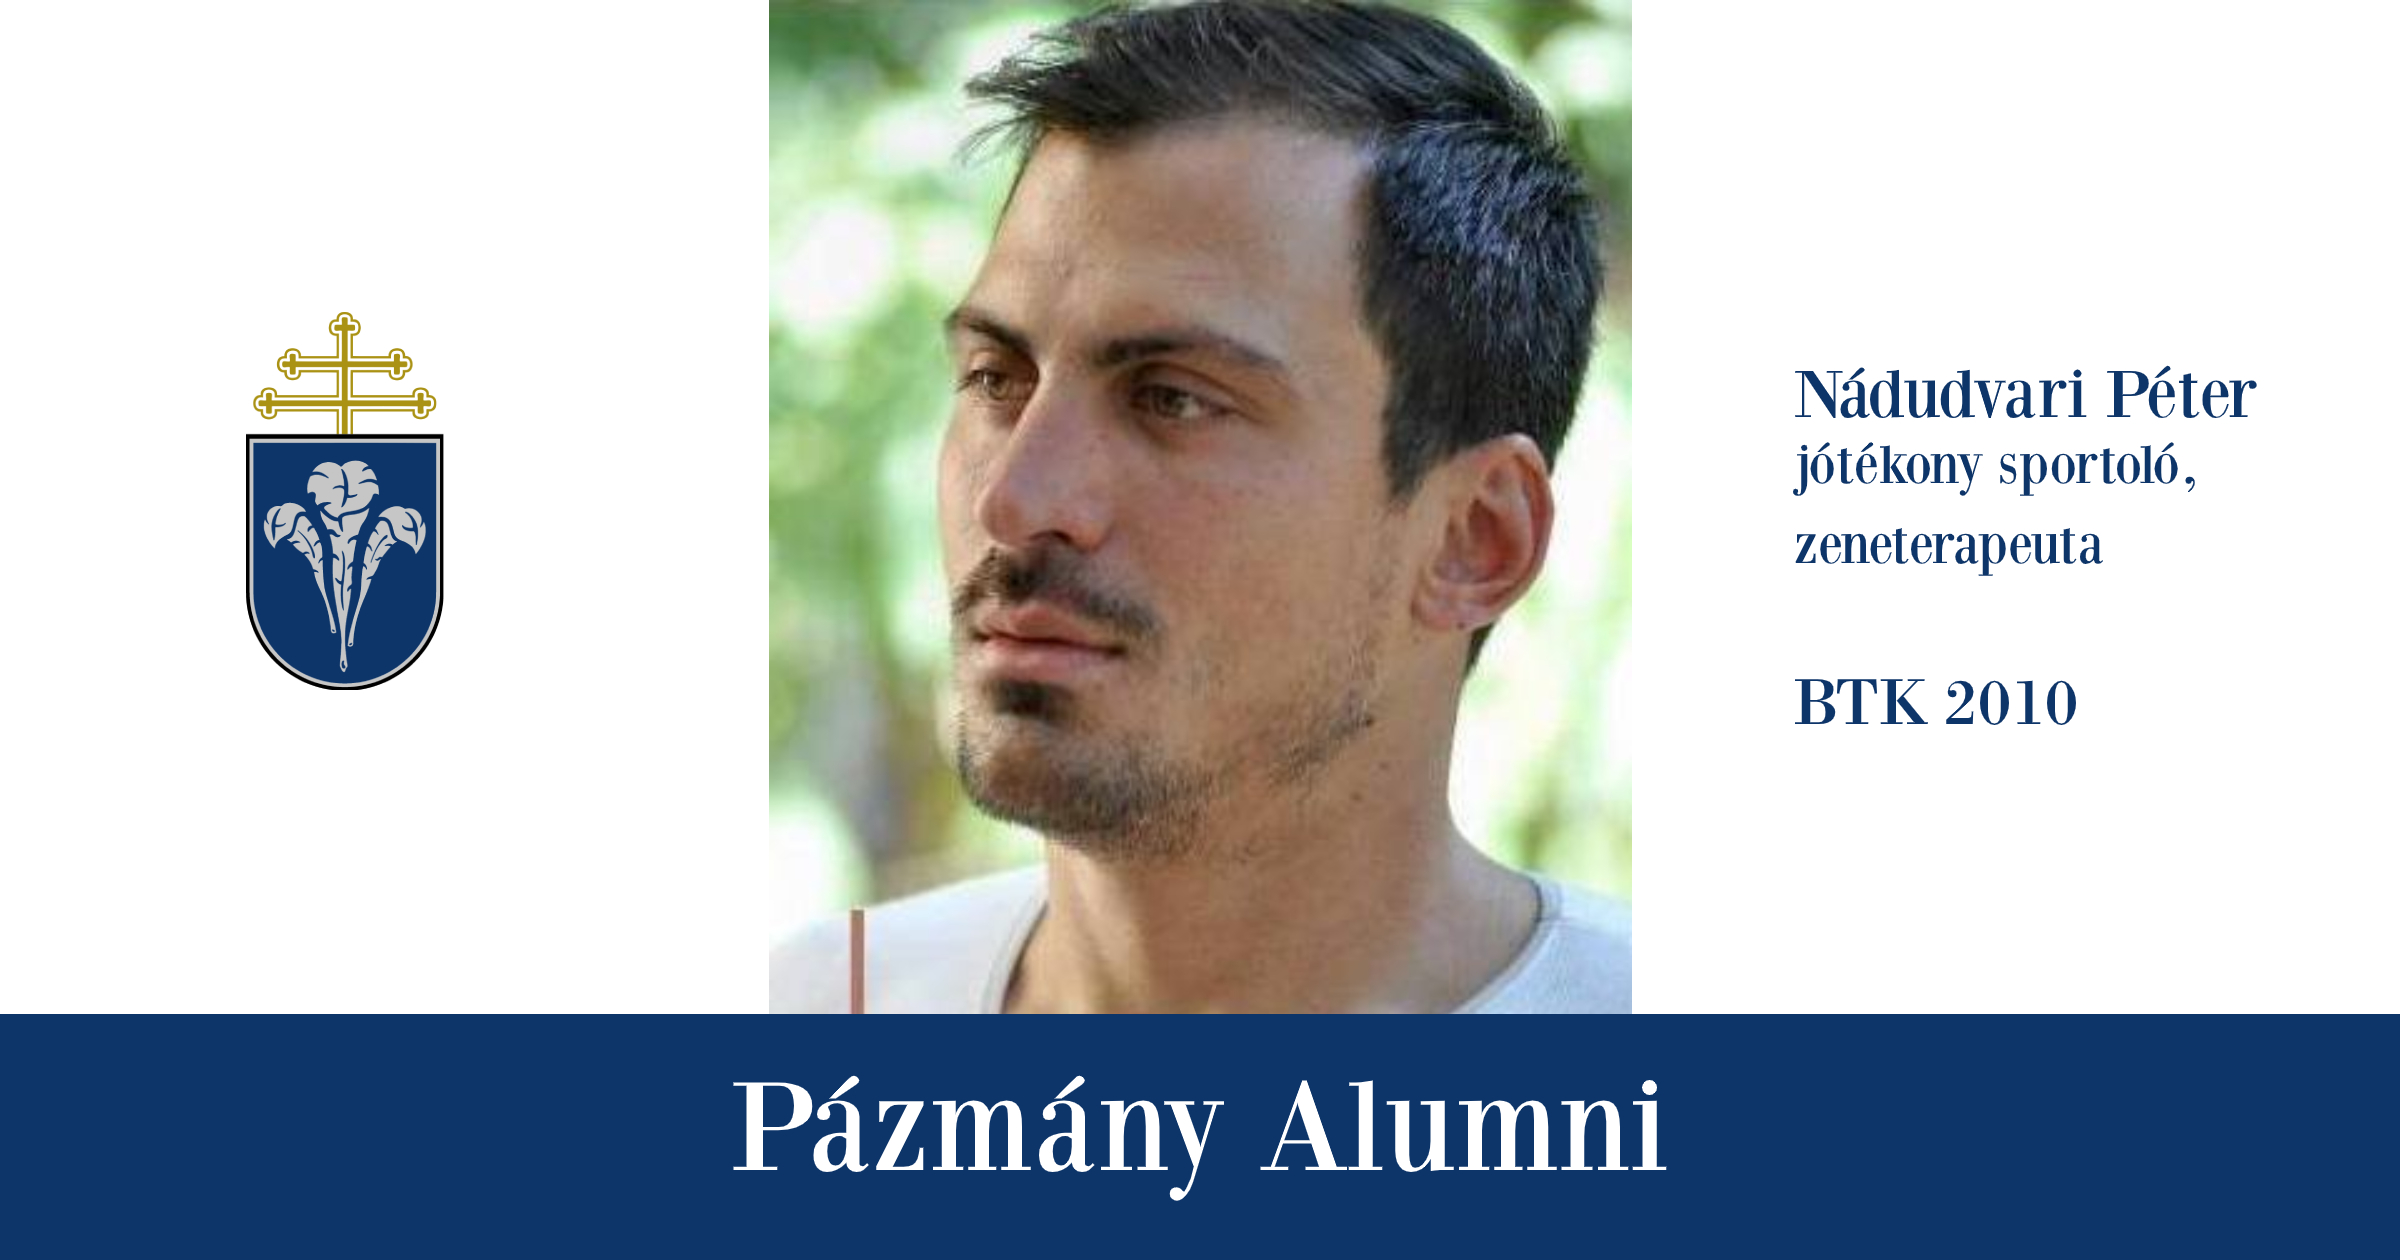 Pázmány Alumni: interjú Nádudvari Péterrel, a BTK egykori hallgatójával